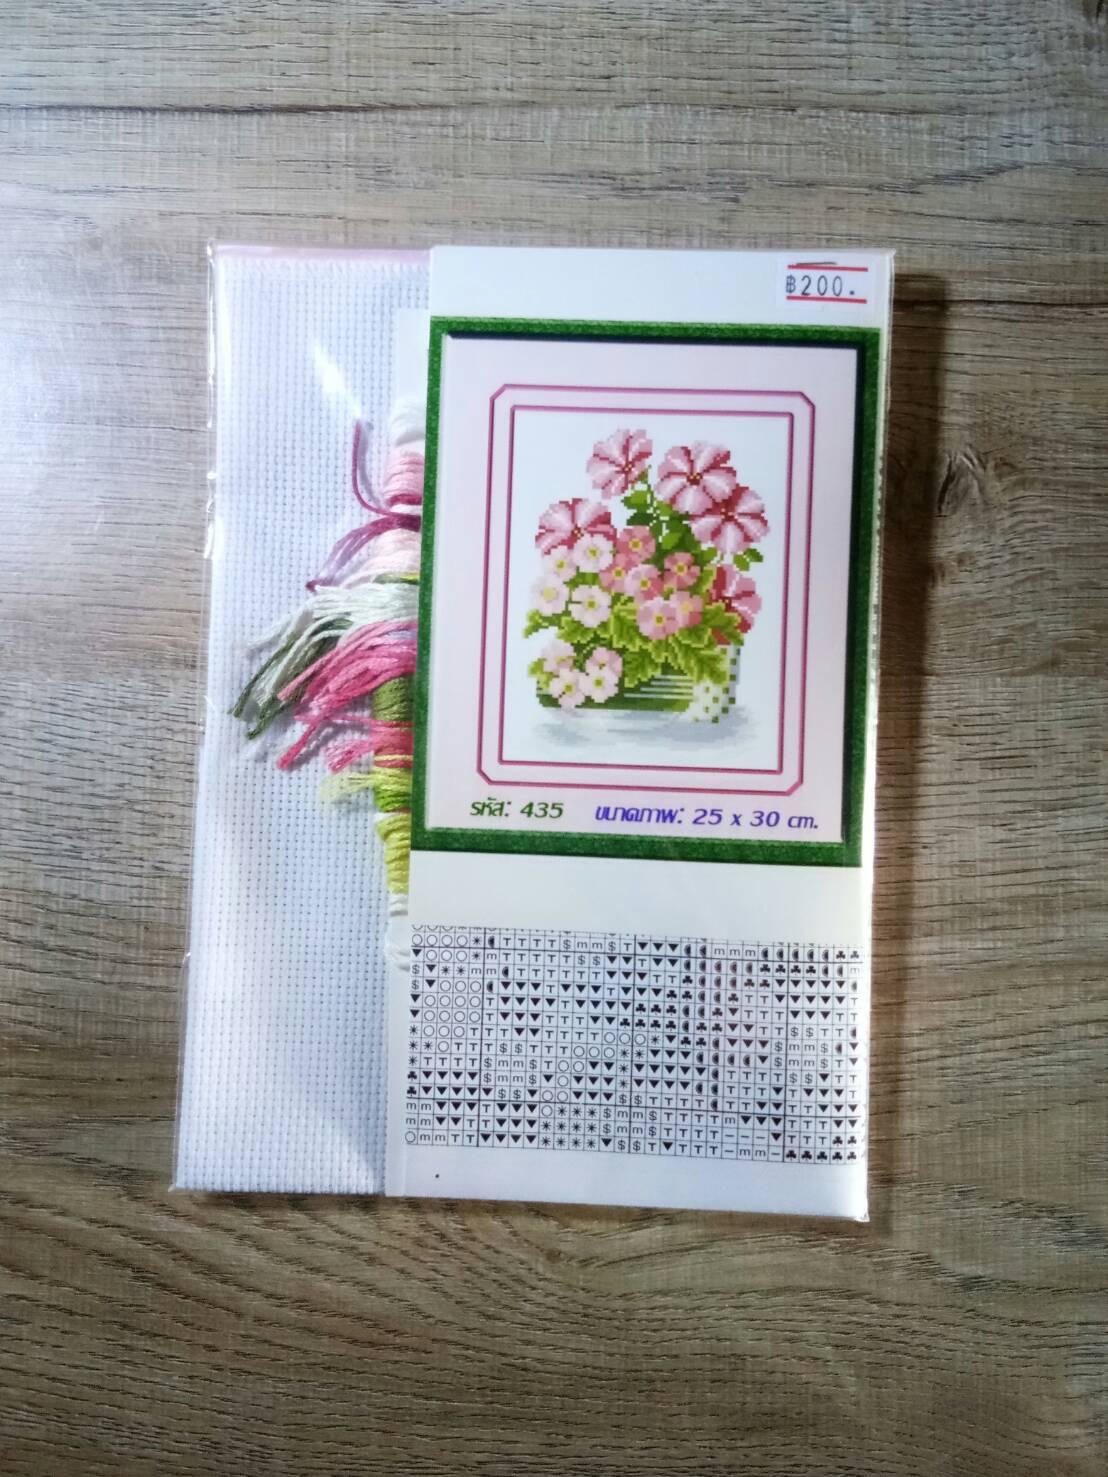 ชุดปักครอสติช ลายดอกไม้ ขนาด 25*30 ซม.ผ้าครอสติช 14 CT ไม่พิมพ์ลายปัก ไหมคอตตอน สี+ผังลาย+เข็ม (ส่งฟรี)